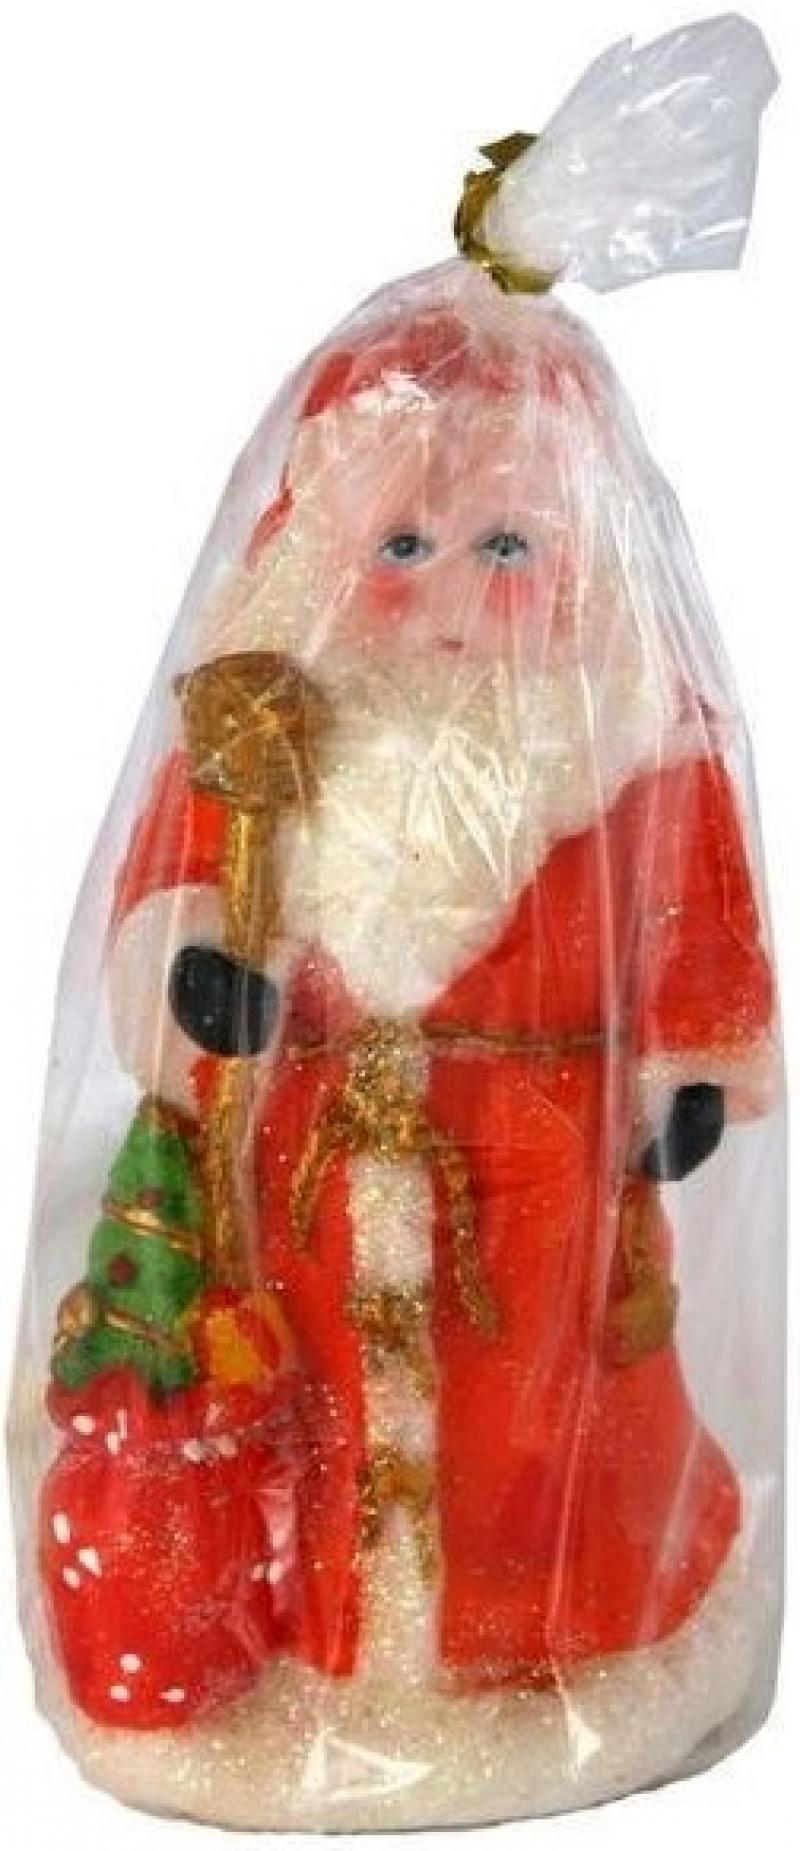 Свеча ДЕД МОРОЗ В ШУБЕ, 8х7х14 см, 1 вид фигурки игрушки maxitoys дед мороз в шубе